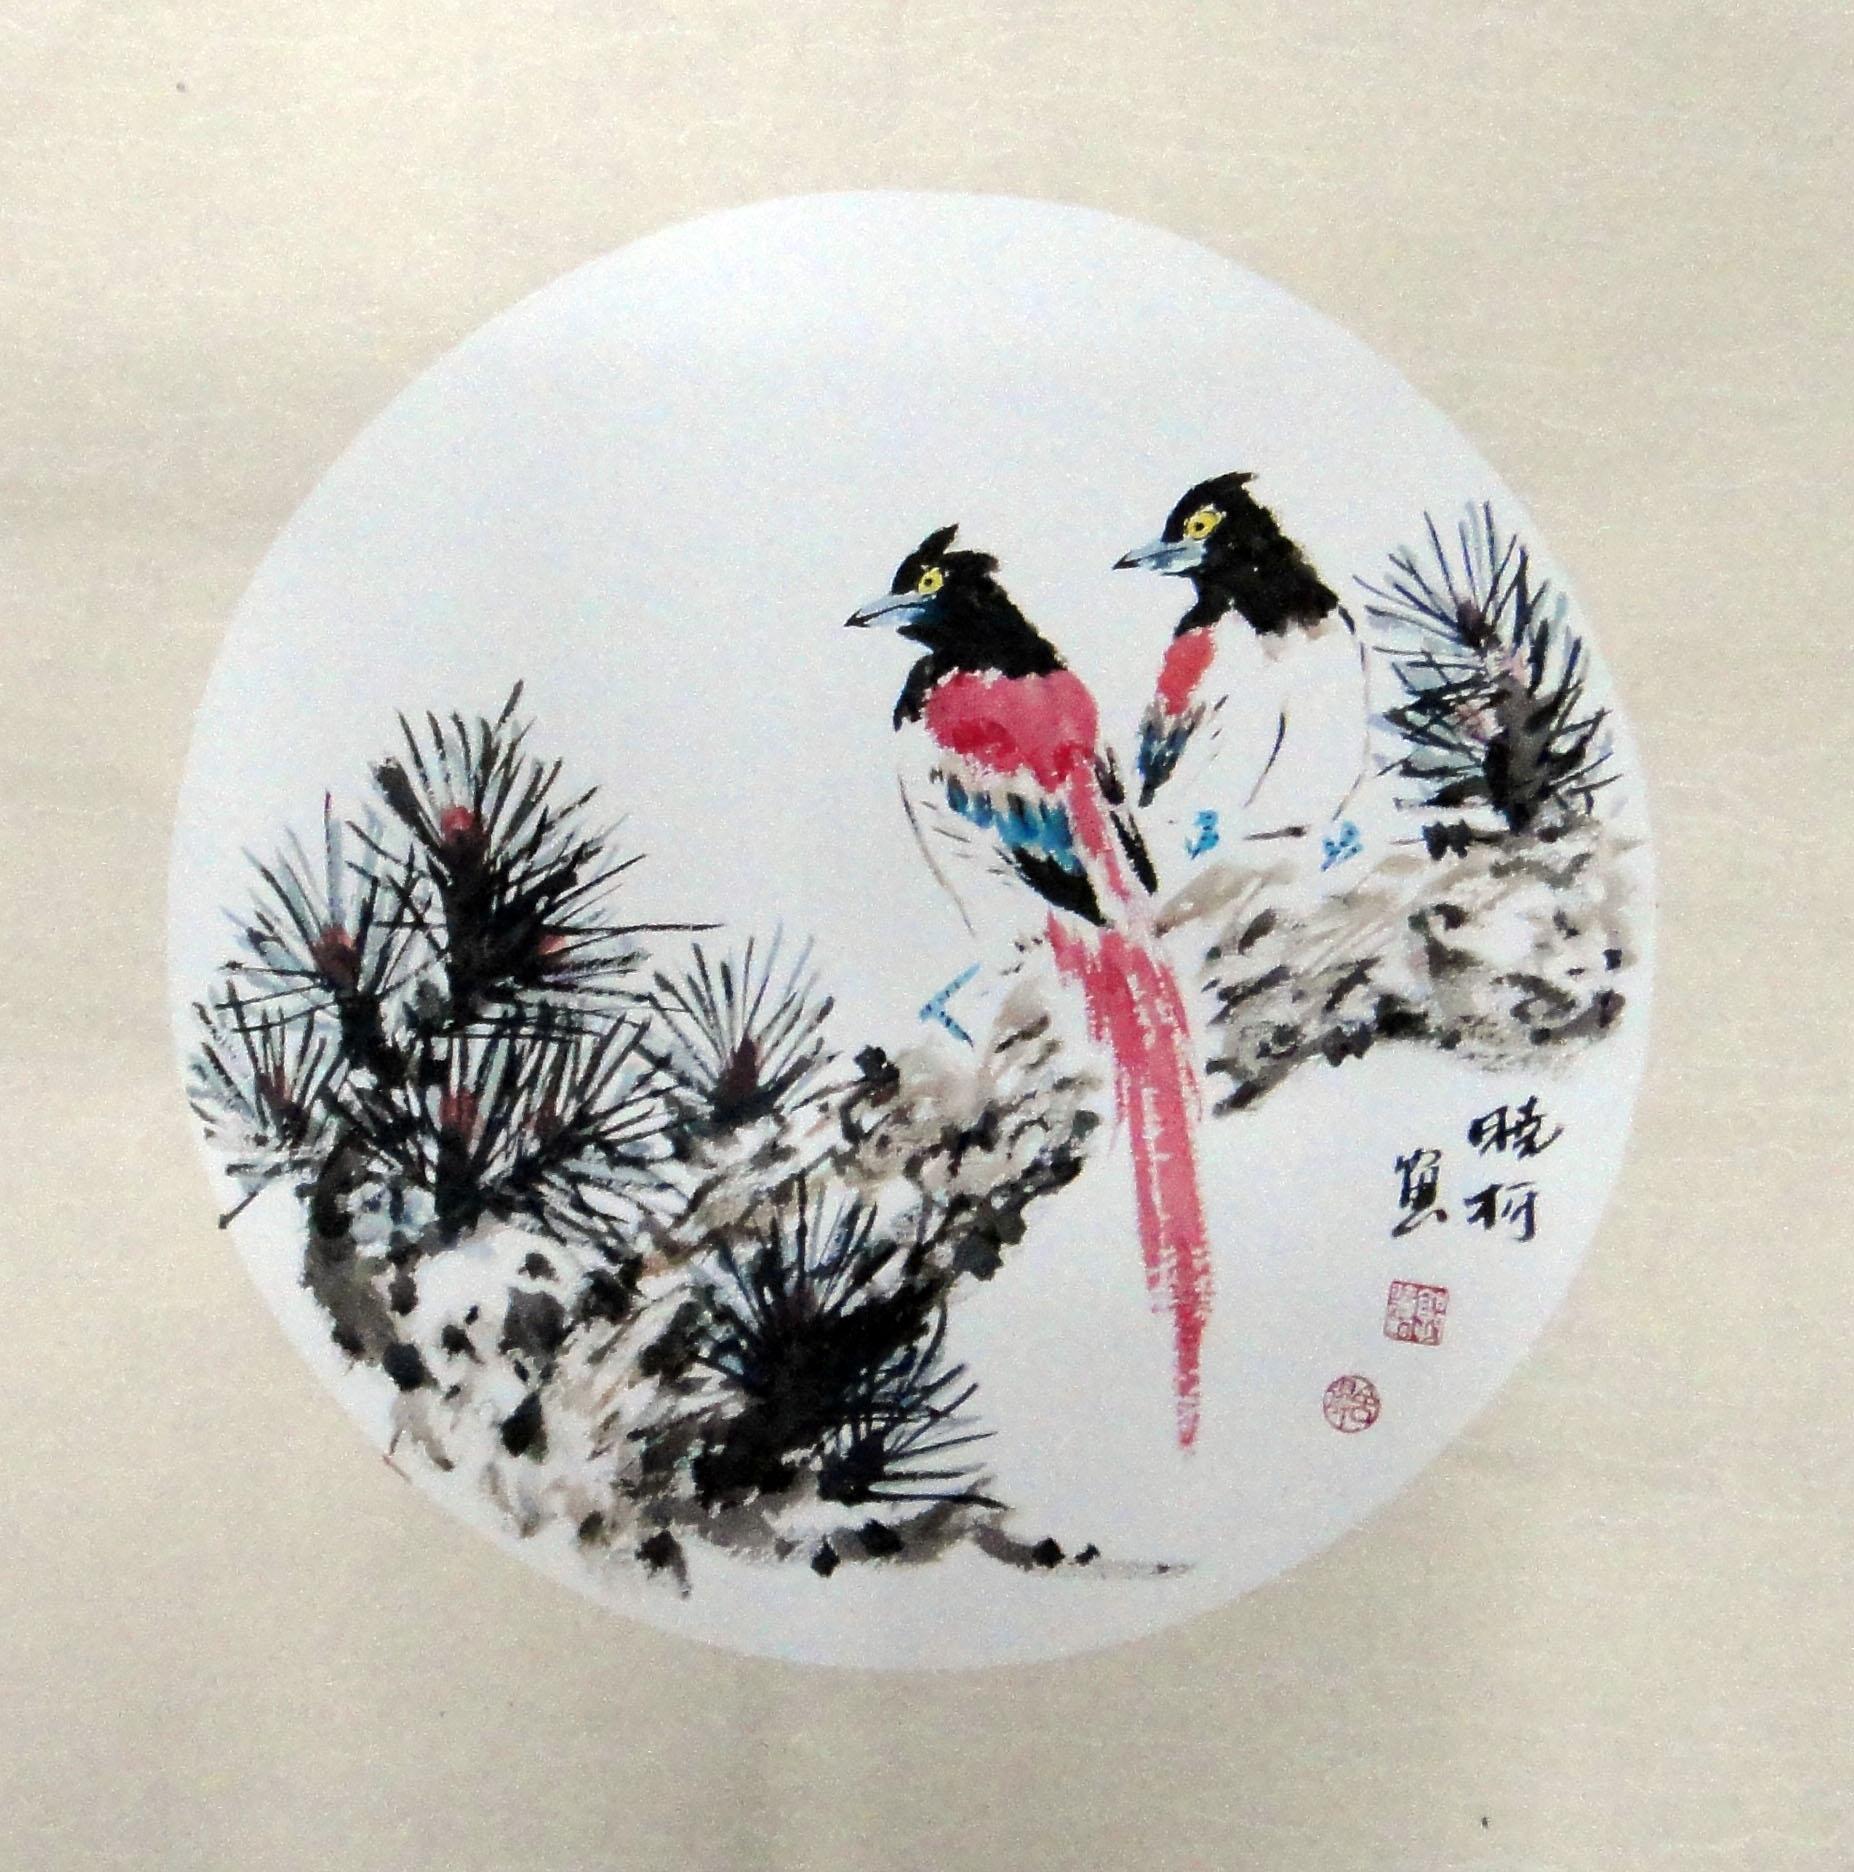 首页 古董/邮币/字画/收藏 中国书画 国画 欧冰冰  (大图) 商品所在地图片